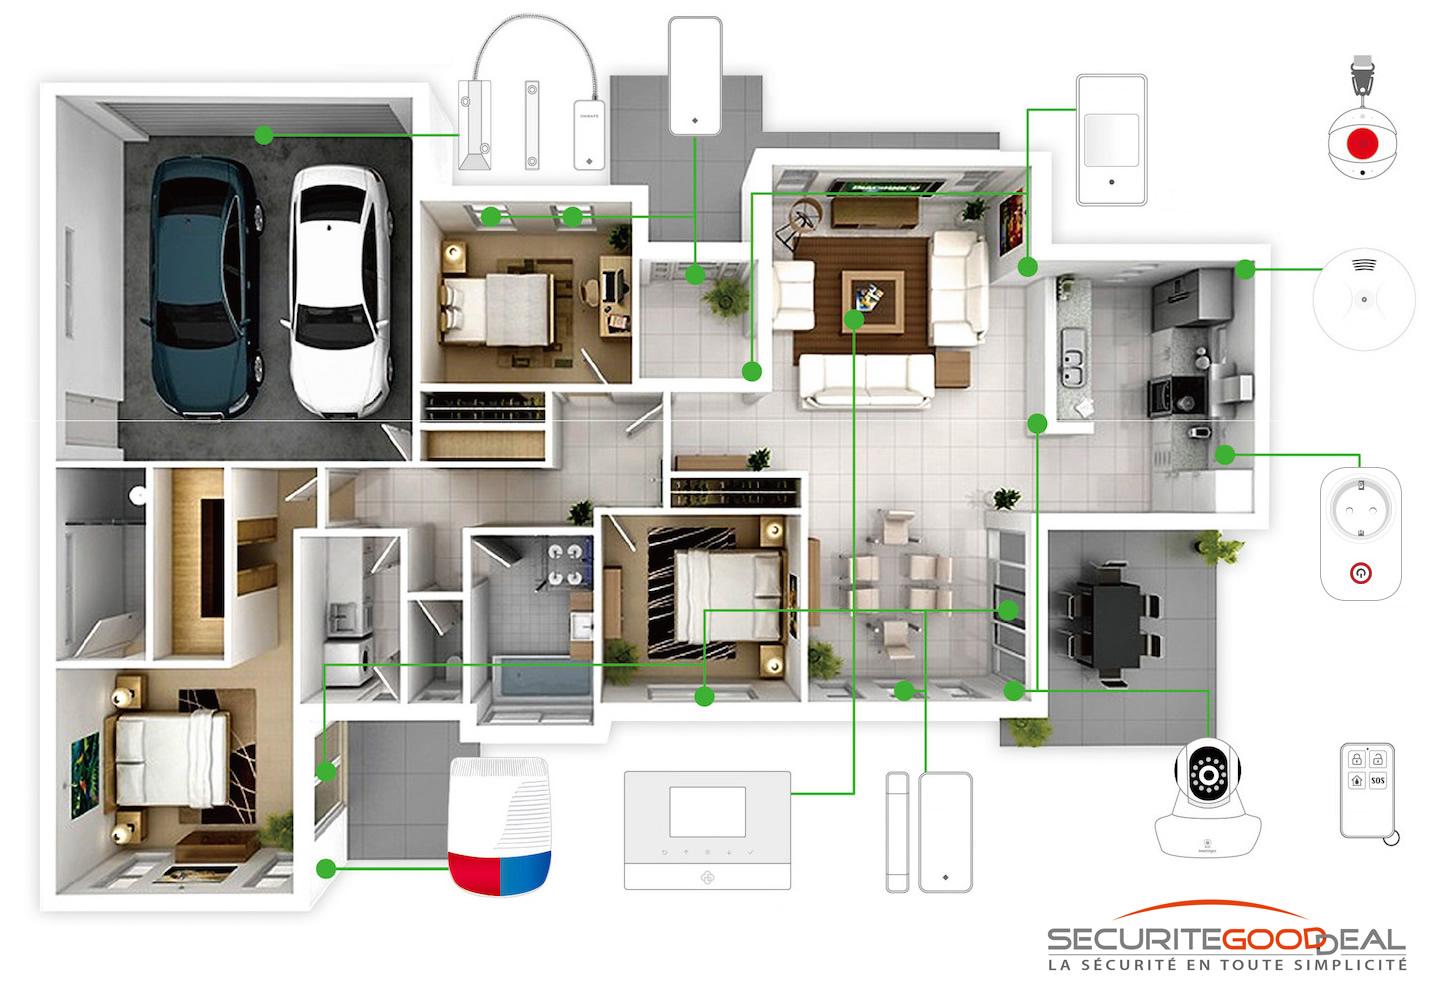 Alarme maison sans fil gsm pour smartphone for Alarme domotique maison